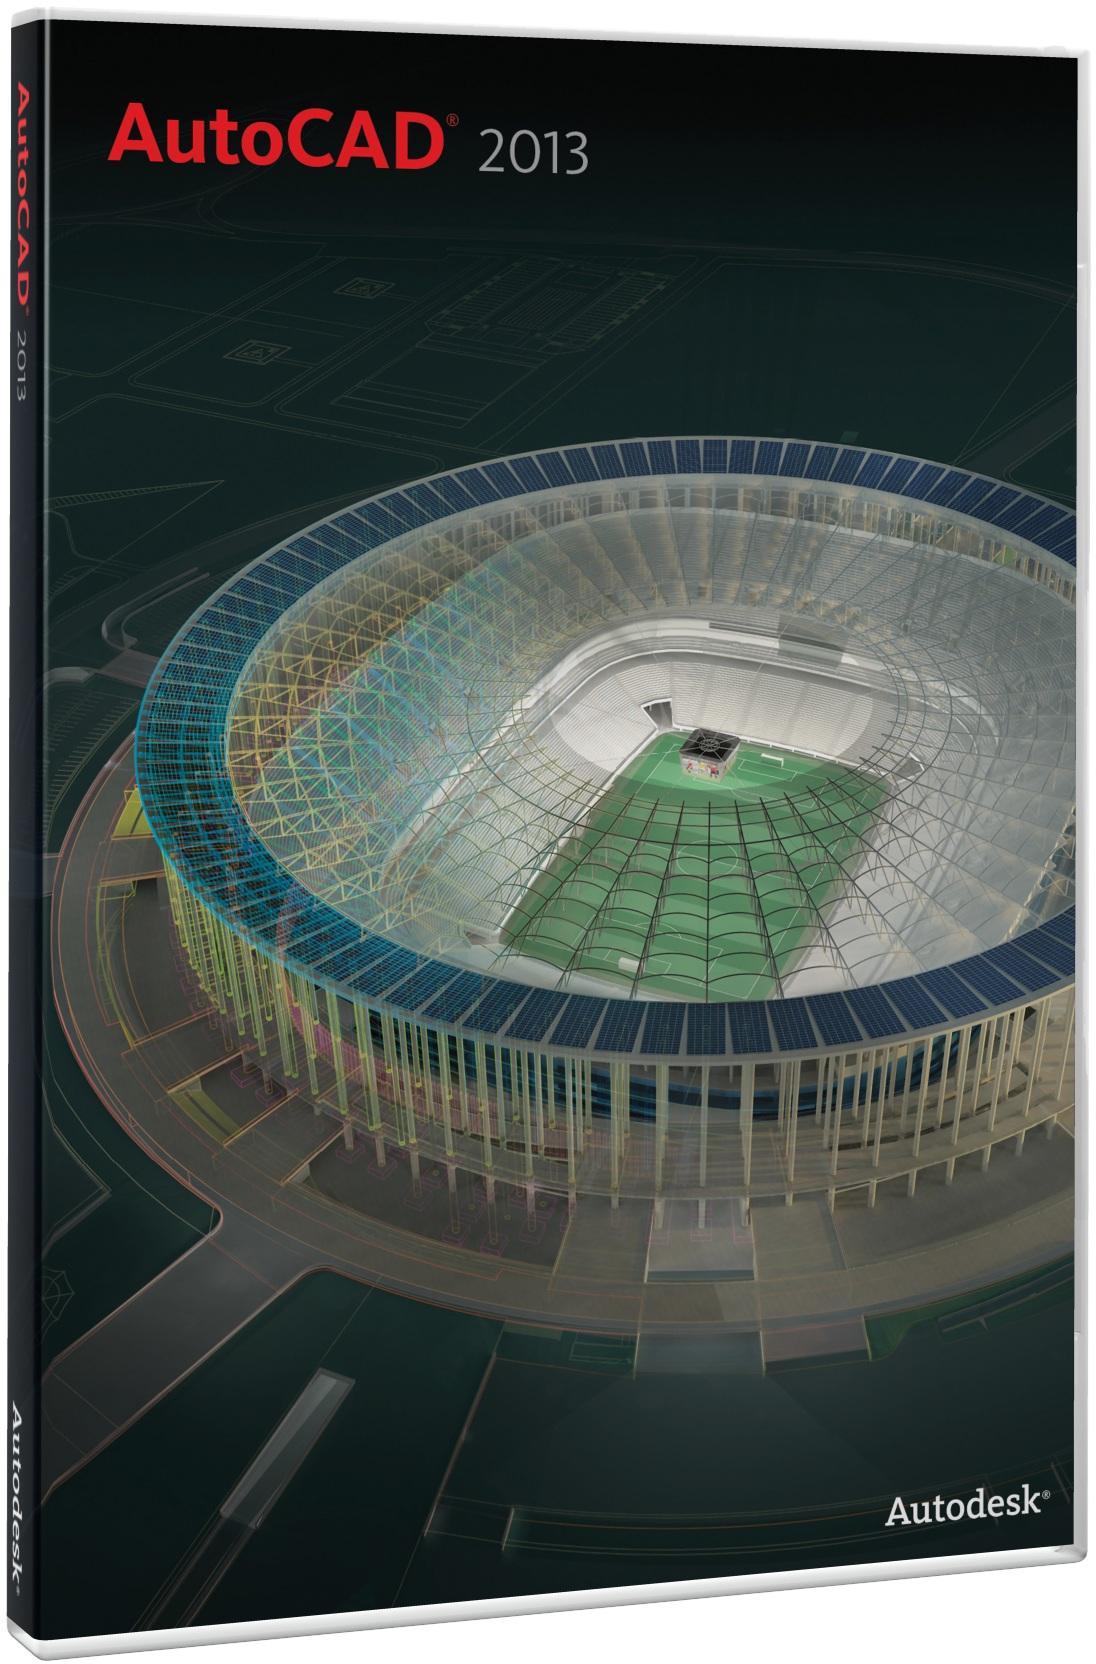 Autodesk Программное обеспечение AutoCAD 2013, коммерческий, сетевой